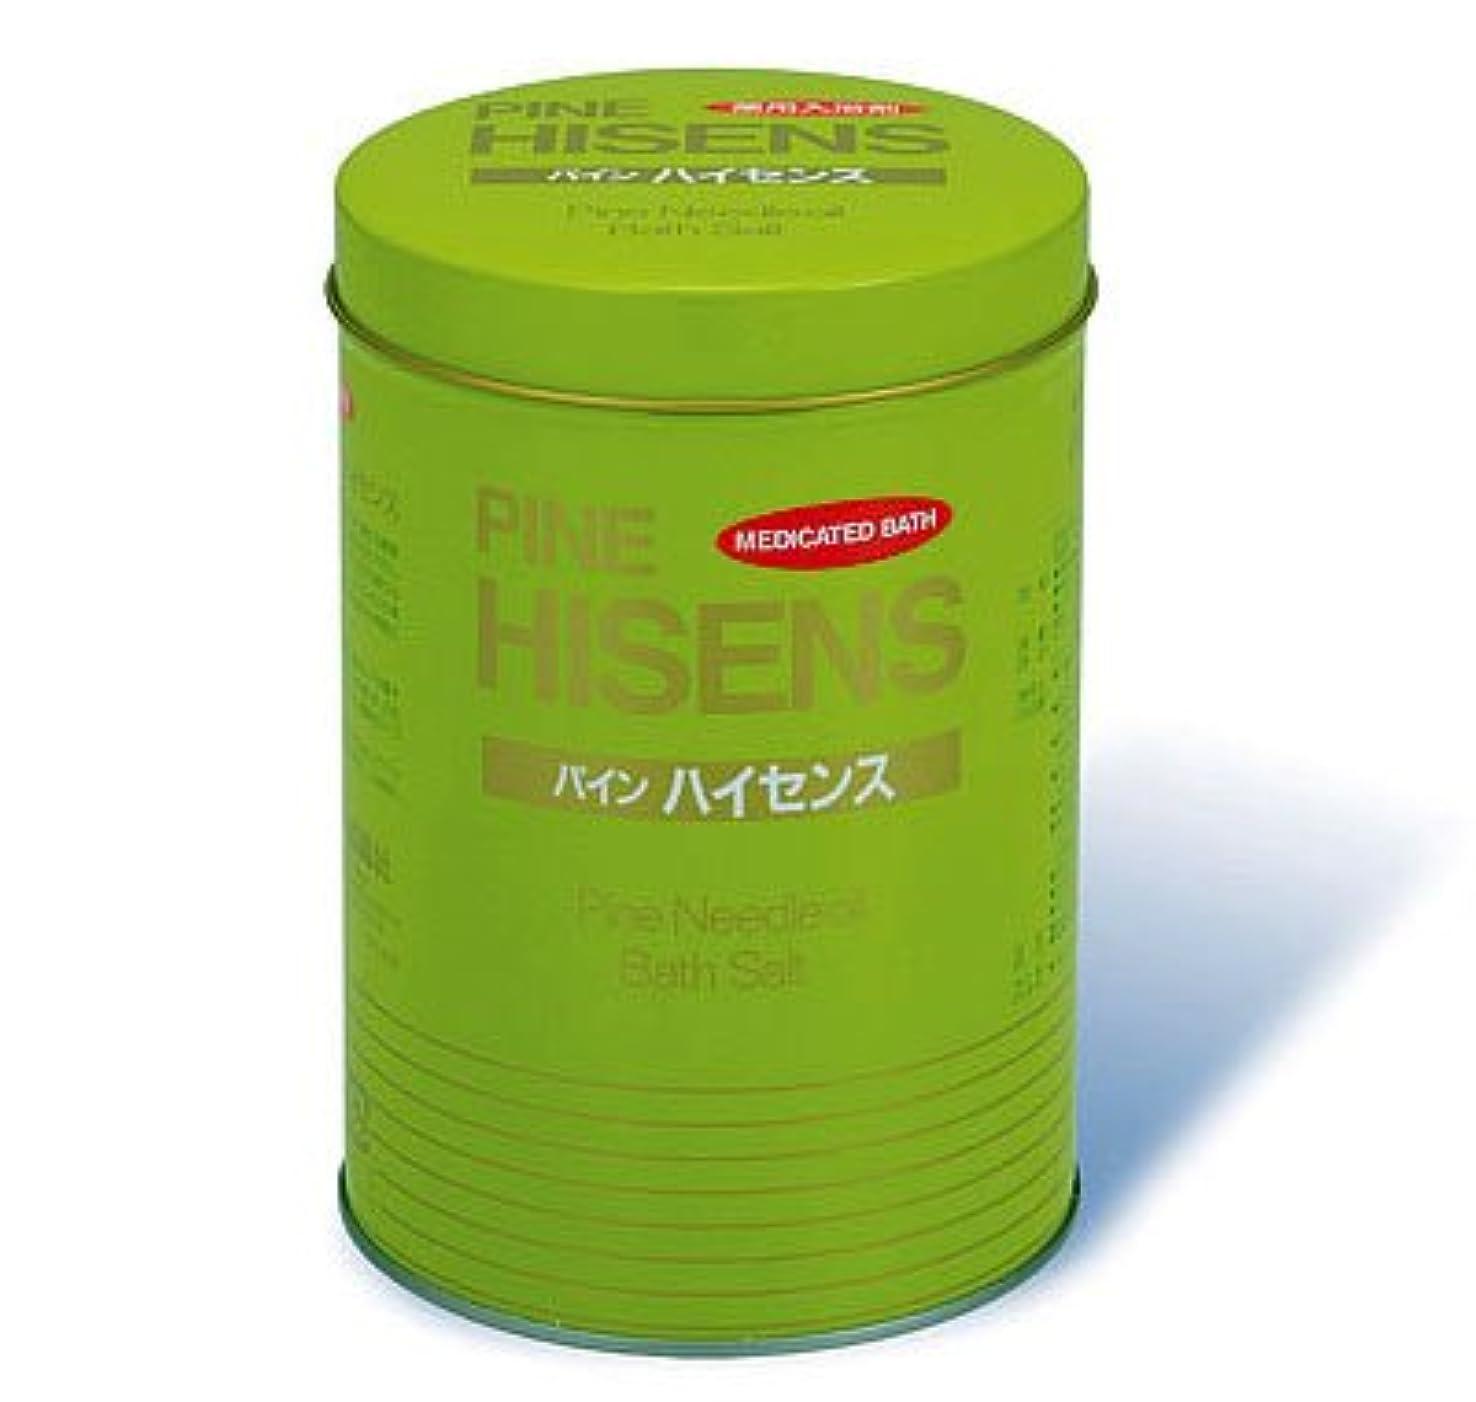 フェード根絶する導入する高陽社 薬用入浴剤 パインハイセンス 2.1kg 1缶